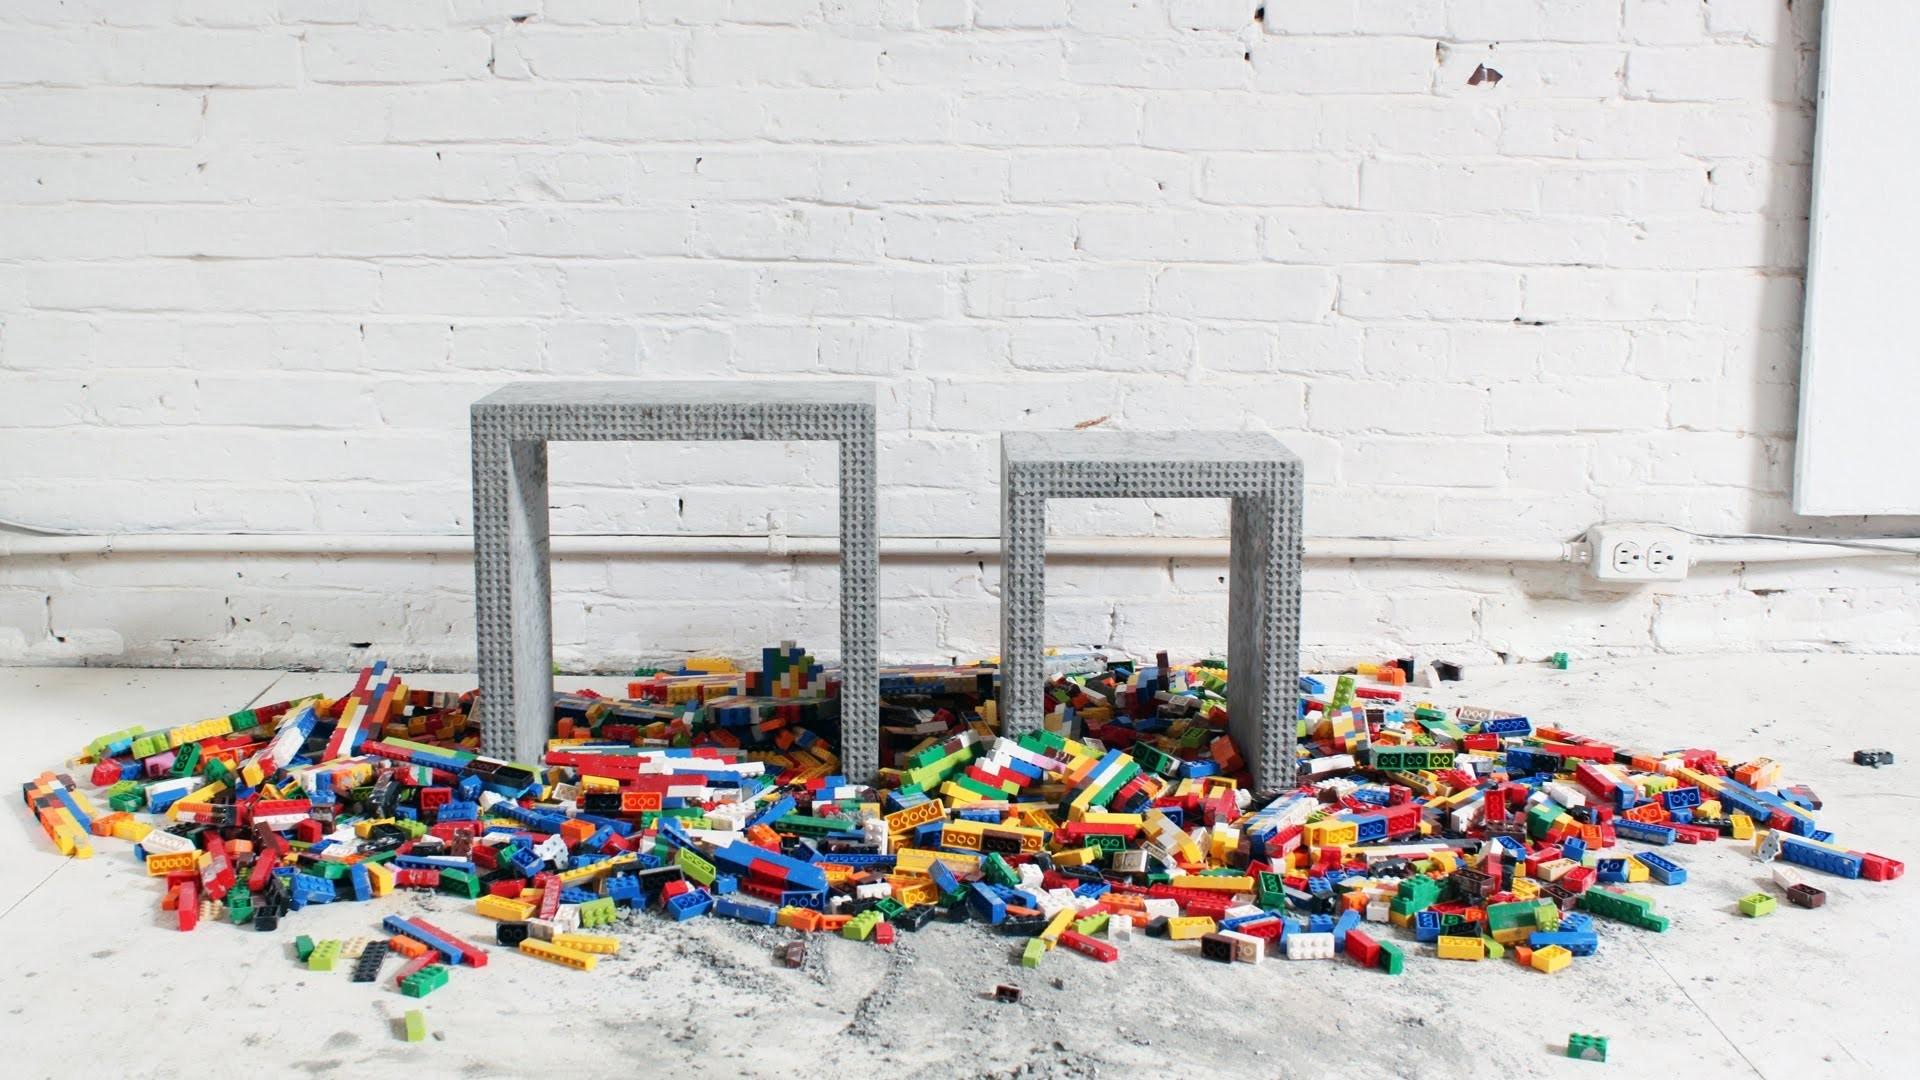 mobiliario jardim jumbo:Vídeo: Mobiliário de concreto usando formas de Lego